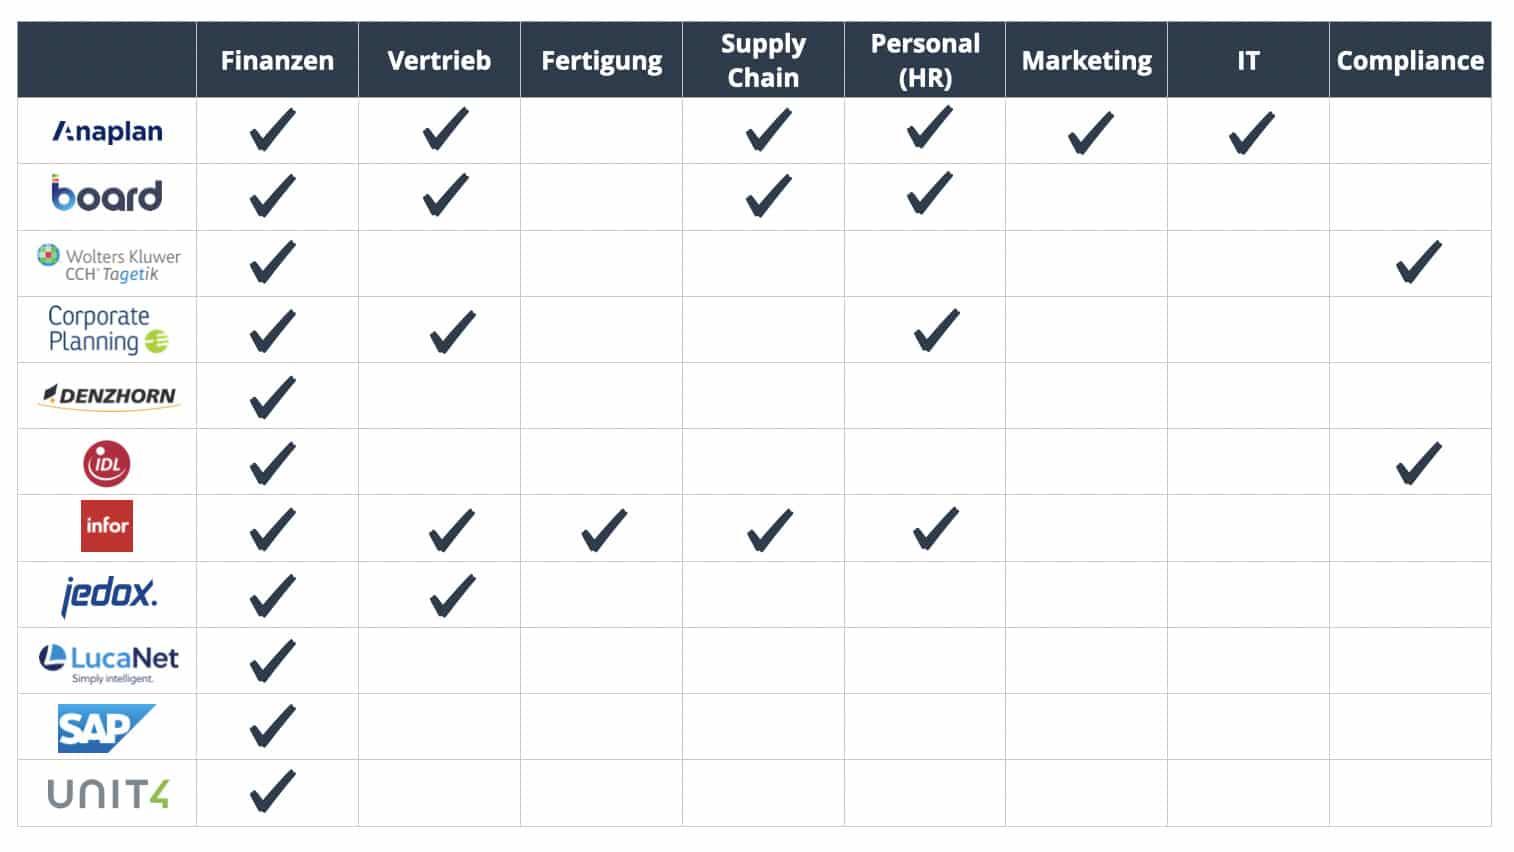 Anbieter Finanzplanungssoftware und angebotene Fachbereiche